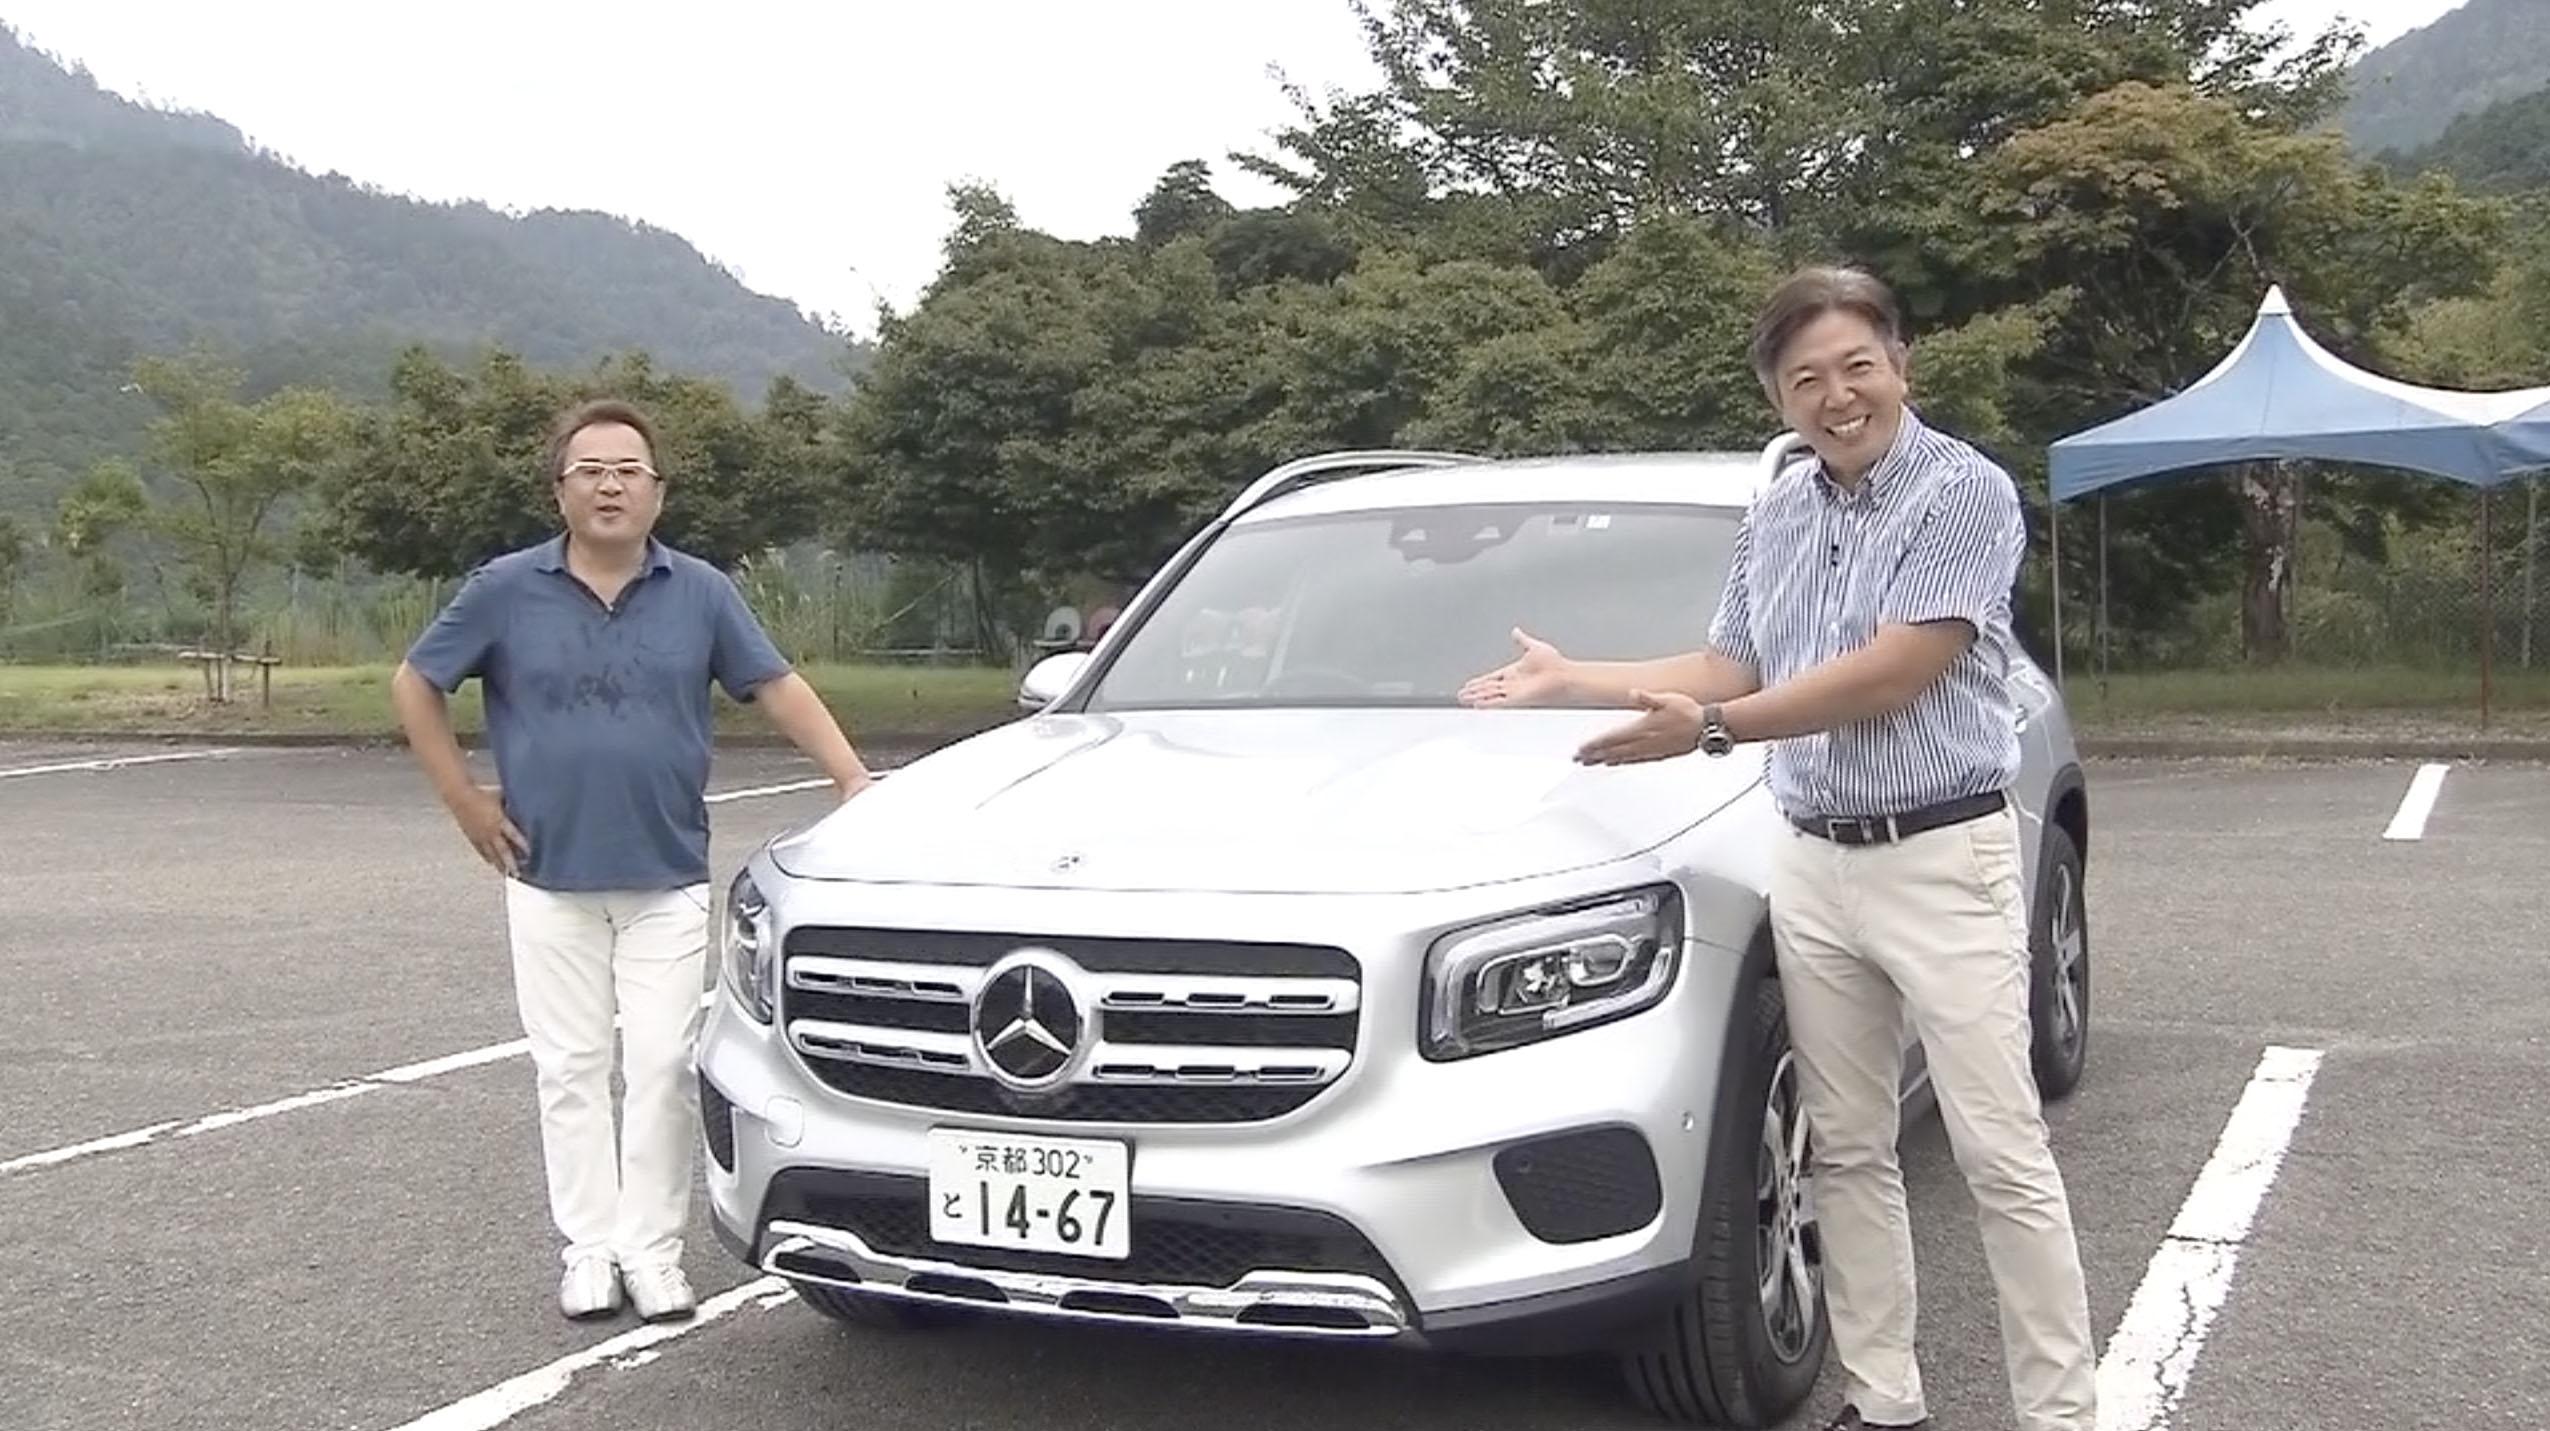 竹内弘一試乗レポ動画 メルセデス・ベンツGLB